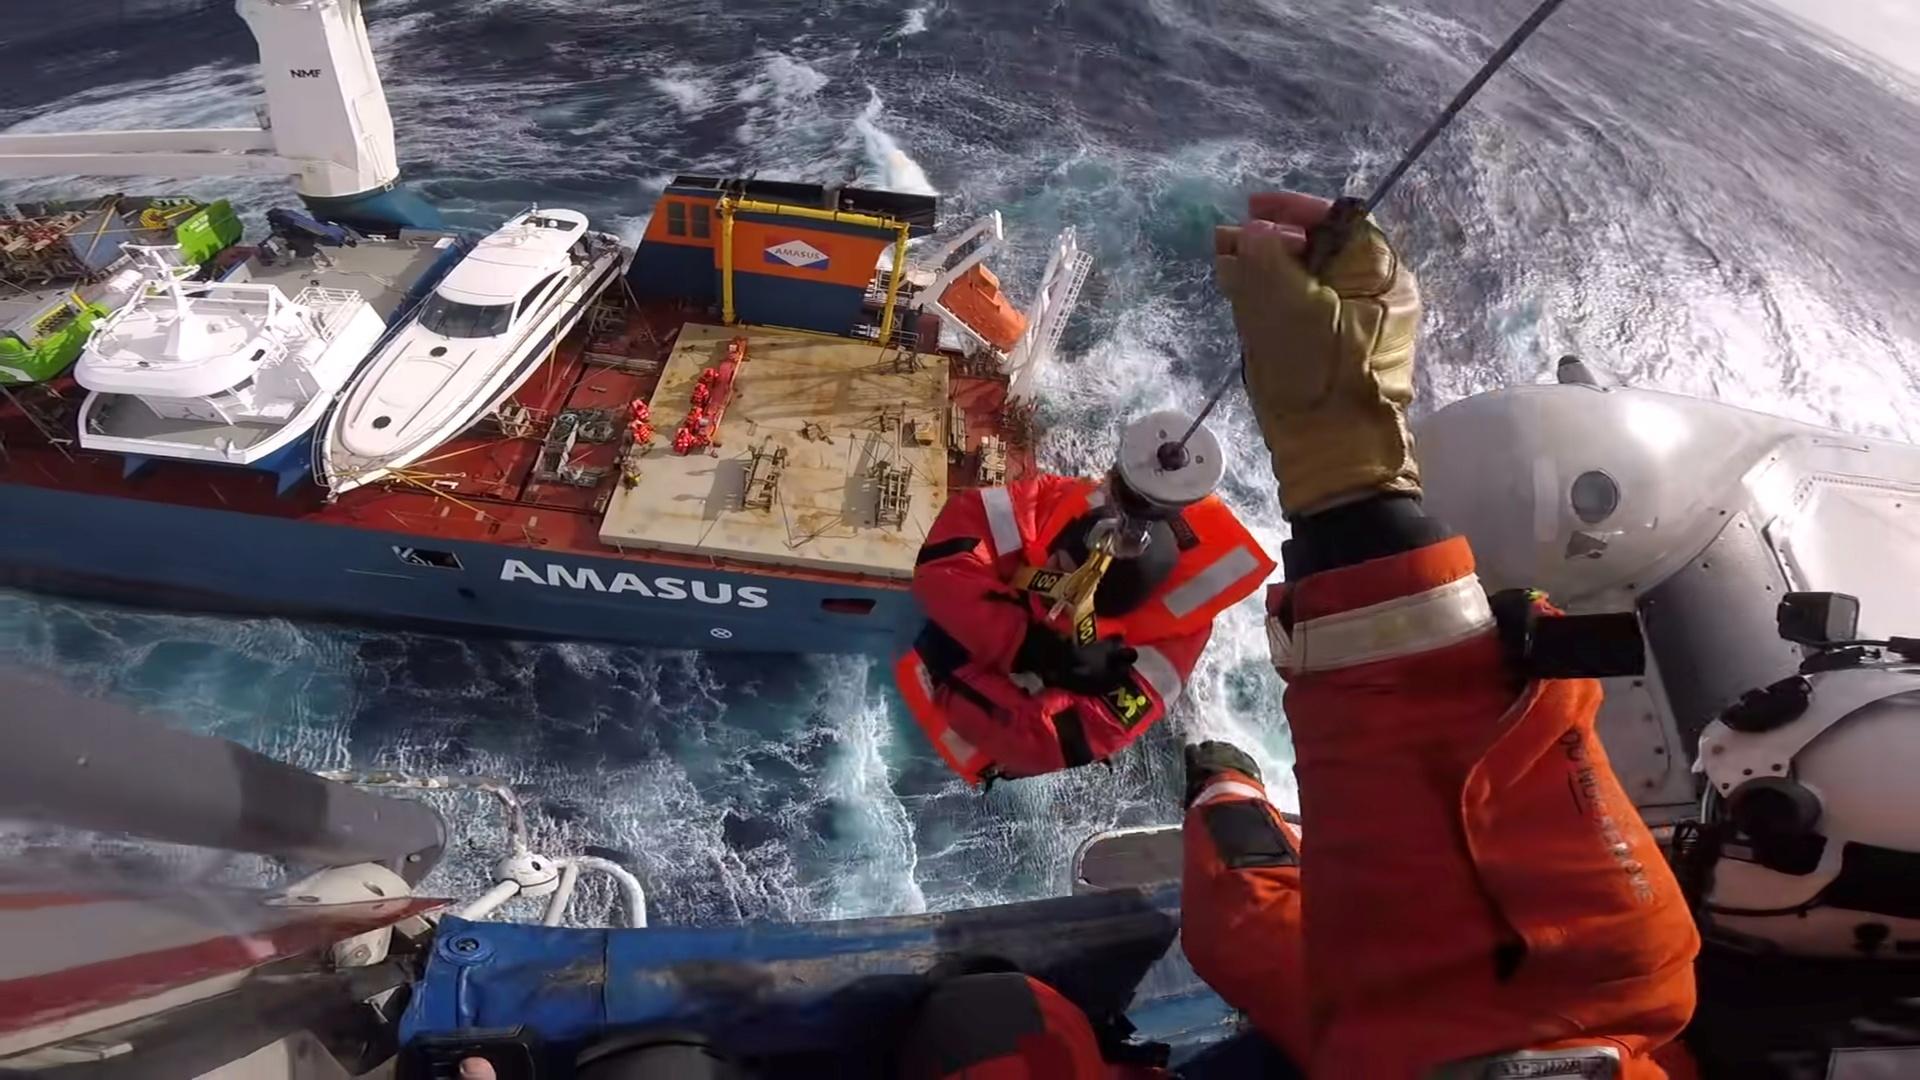 تأمين سفينة شحن هولندية بعد محاولة إنقاذ في المياه الهائجة (صور+فيديو)